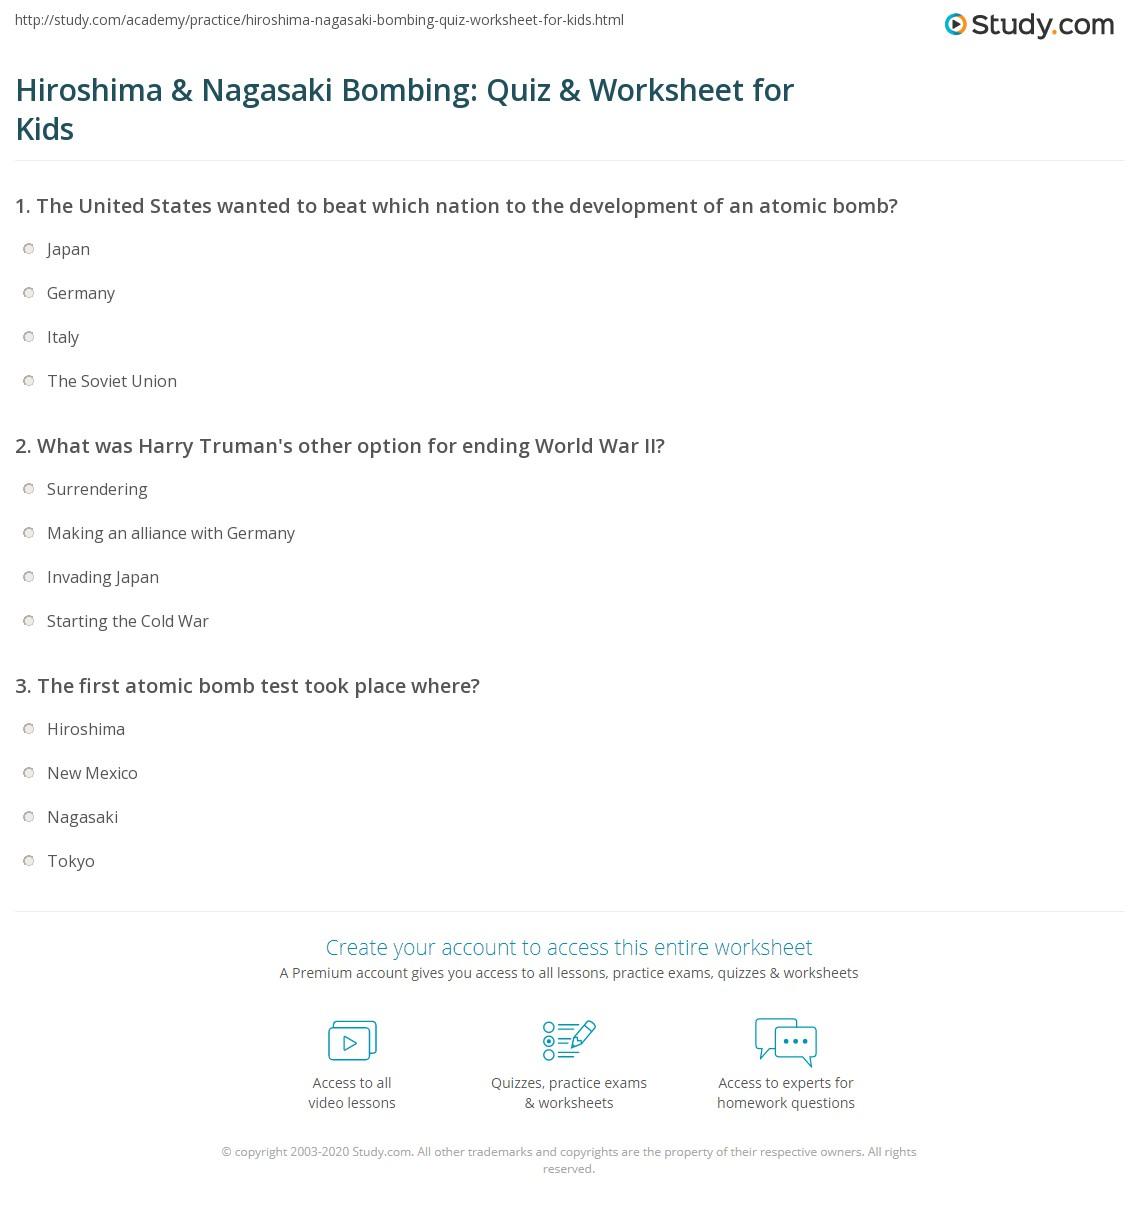 Hiroshima Amp Nagasakiing Quiz Amp Worksheet For Kids